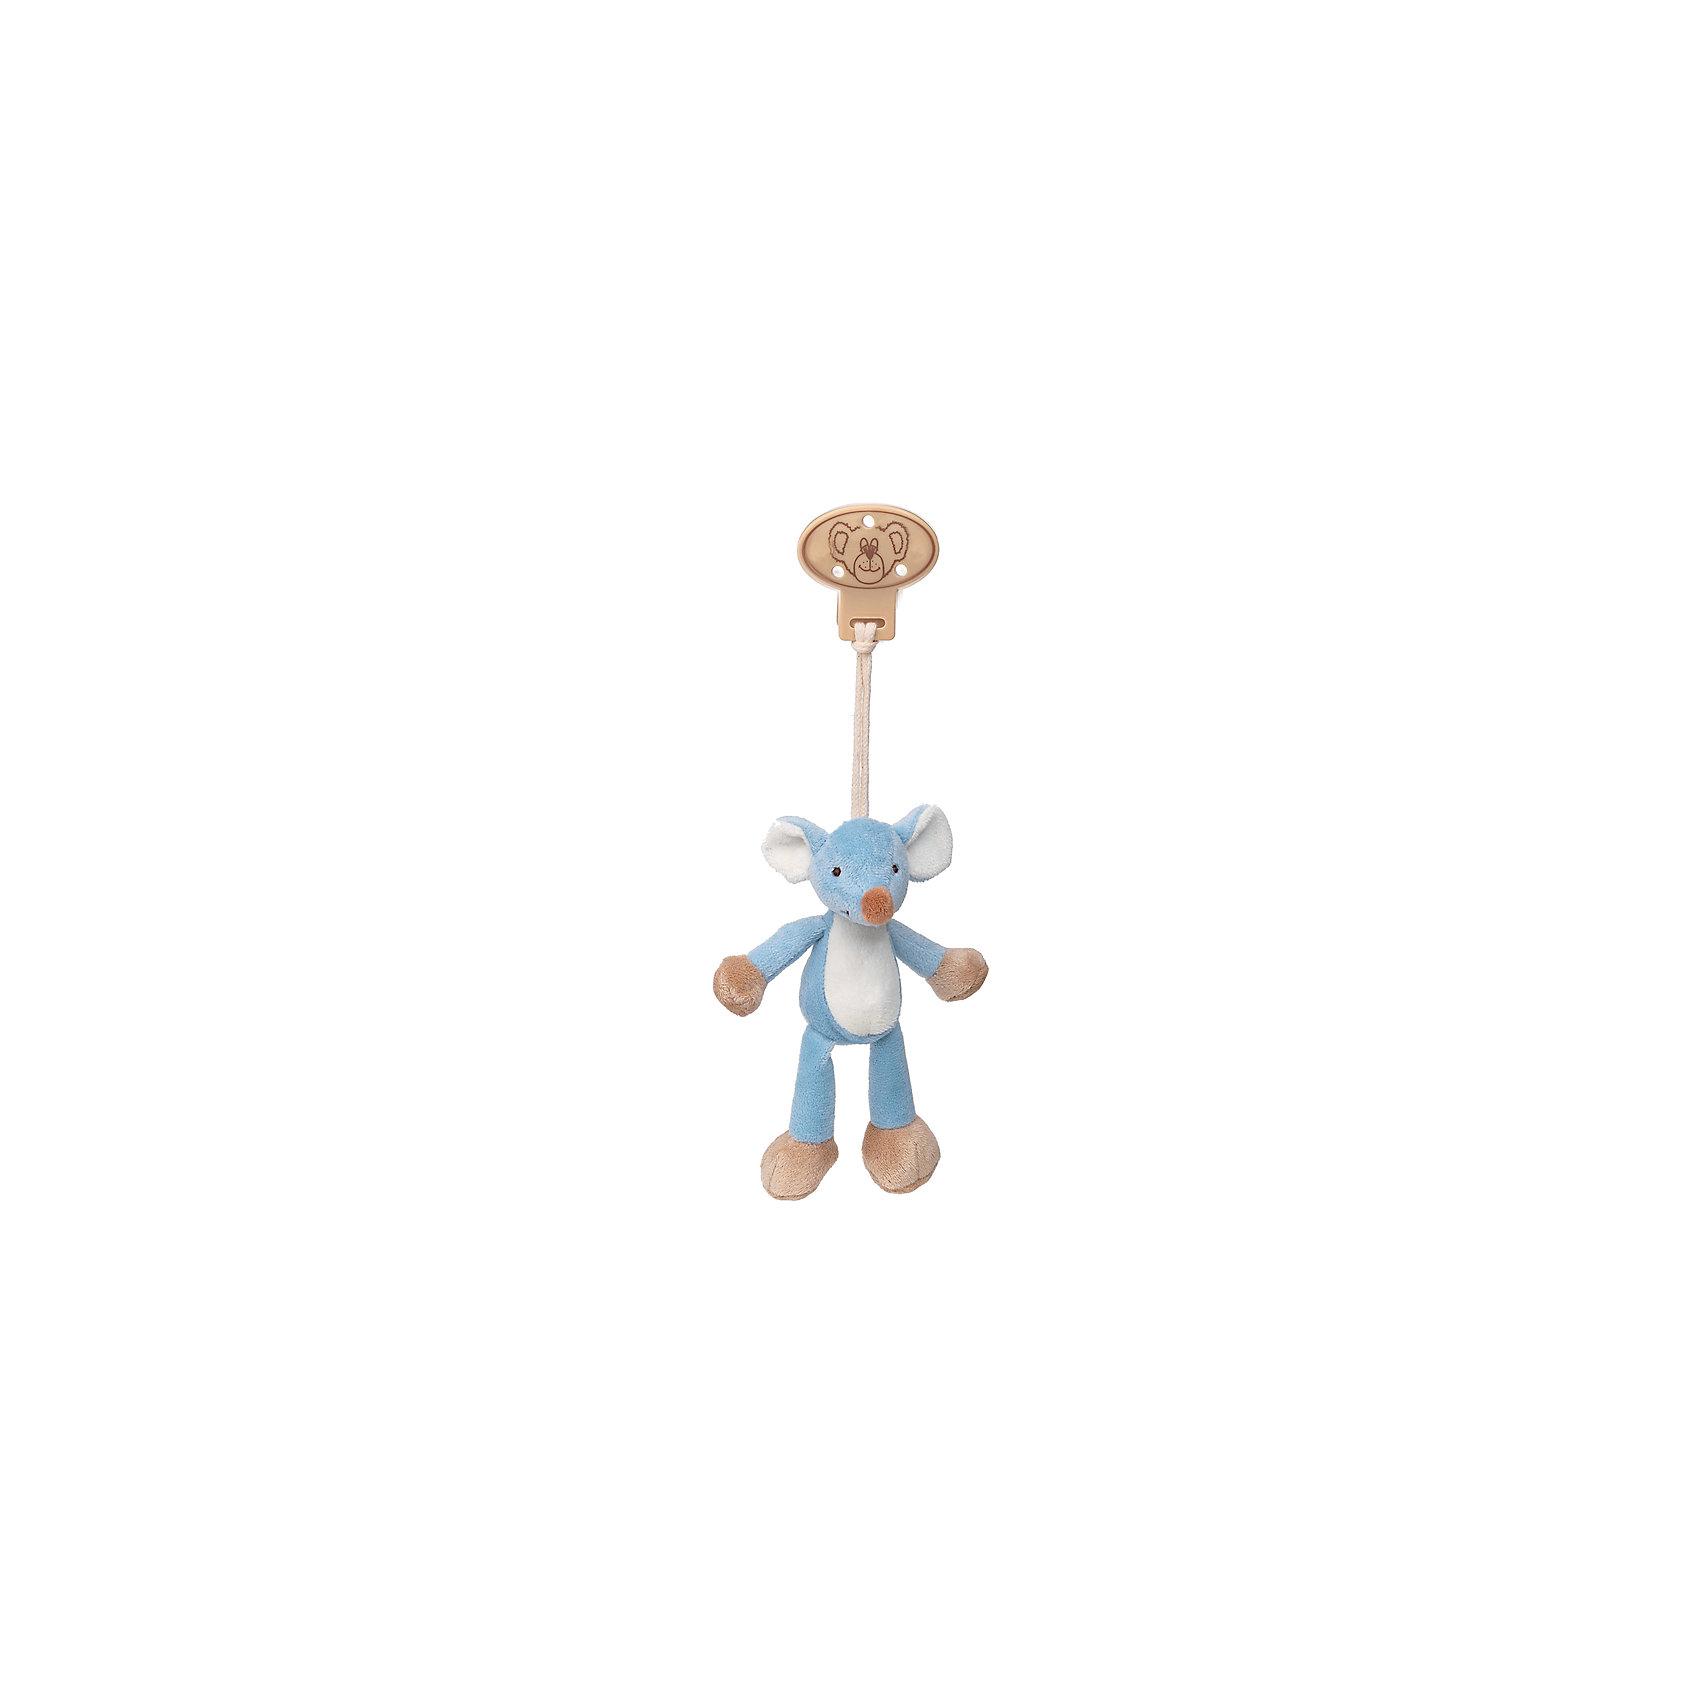 Клипса с игрушкой Мышь, Динглисар, TeddykompanietКлипса с игрушкой Мышь, Динглисар, Teddykompaniet (Тэдди и компания) – дружелюбный мышонок развеселит малыша и не позволит ему скучать.<br>Клипса с мягкой игрушкой Мышь от шведской компании Teddykompaniet очаровательна и неповторима. Милый мышонок станет первым другом вашего малыша и всегда будет рядом. С помощью надежной безопасной пластиковой клипсы игрушку можно прикрепить к кроватке, коляске, автокреслу и одежде или постельному белью. Игрушка изготовлена из мягкого безворсового велюра, грязе- и пылеотталкивающего, соответствует европейским и российским стандартам качества, что позволяет играть с ней детям, склонным к аллергии.<br><br>Дополнительная информация:<br><br>- Размер: 16 см.<br>- Материал: нежный безворсовый велюр, пластик<br>- Уход: ручная стирка<br><br>Клипсу с игрушкой Мышь, Динглисар, Teddykompaniet (Тэдди и компания) можно купить в нашем интернет-магазине.<br><br>Ширина мм: 50<br>Глубина мм: 100<br>Высота мм: 100<br>Вес г: 180<br>Возраст от месяцев: 0<br>Возраст до месяцев: 12<br>Пол: Унисекс<br>Возраст: Детский<br>SKU: 4902219